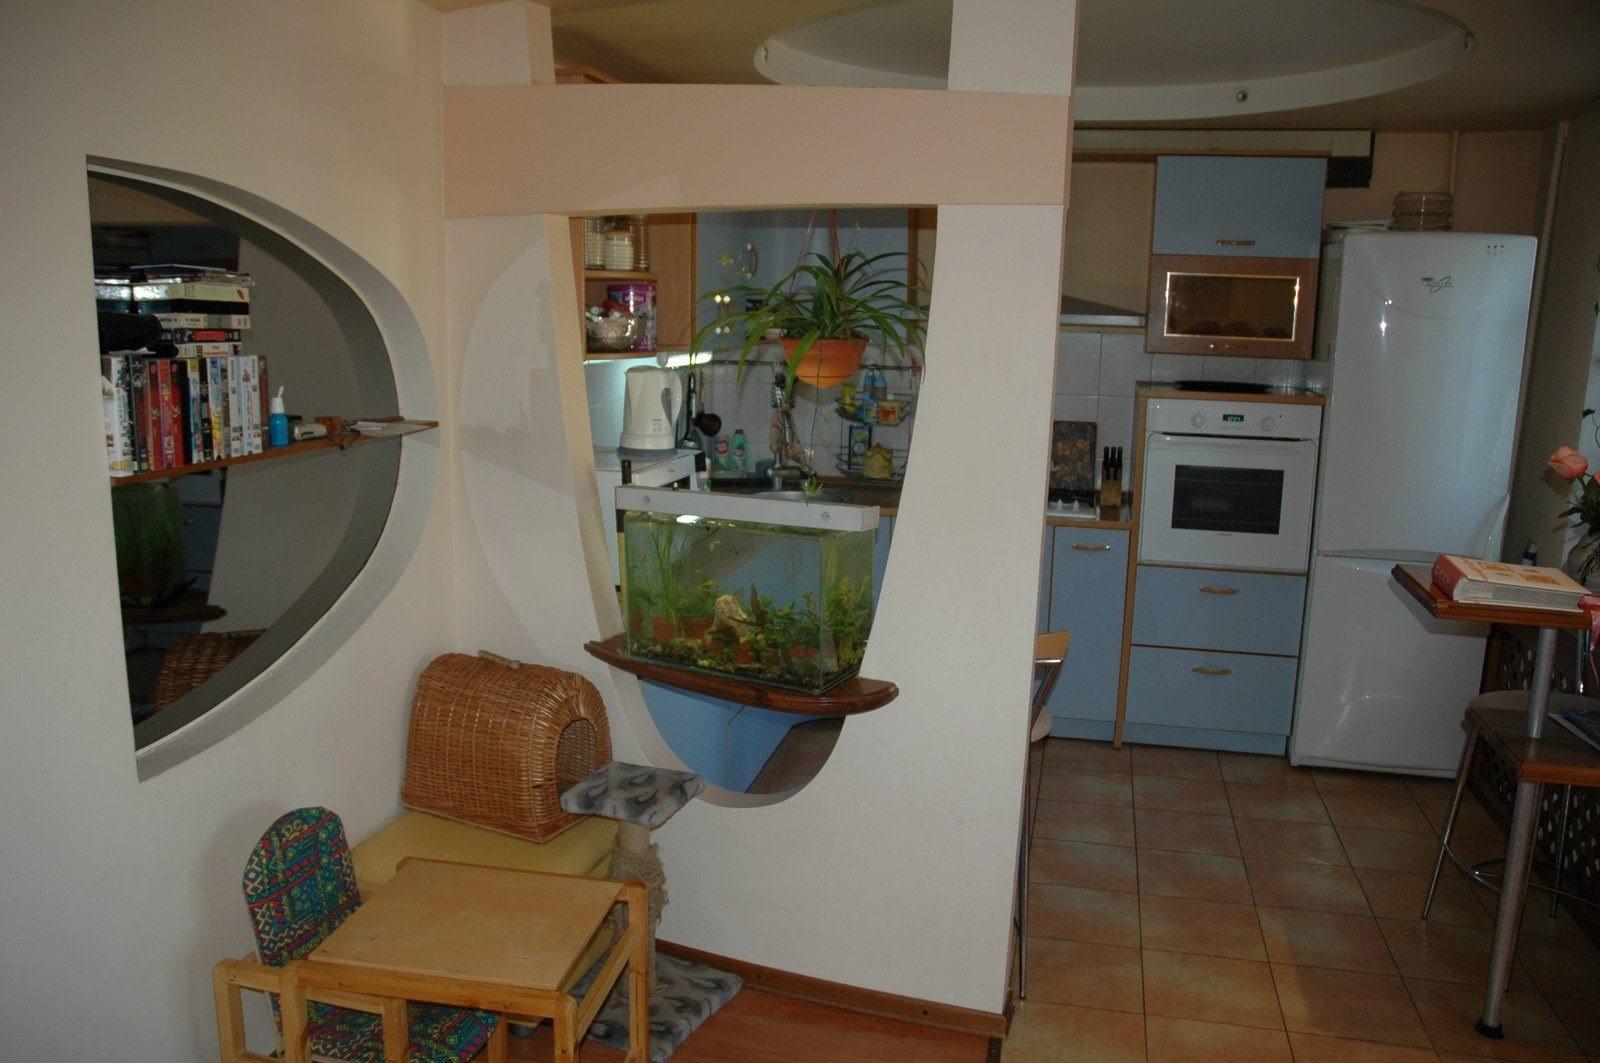 кухня находится рядом с жилой зоной